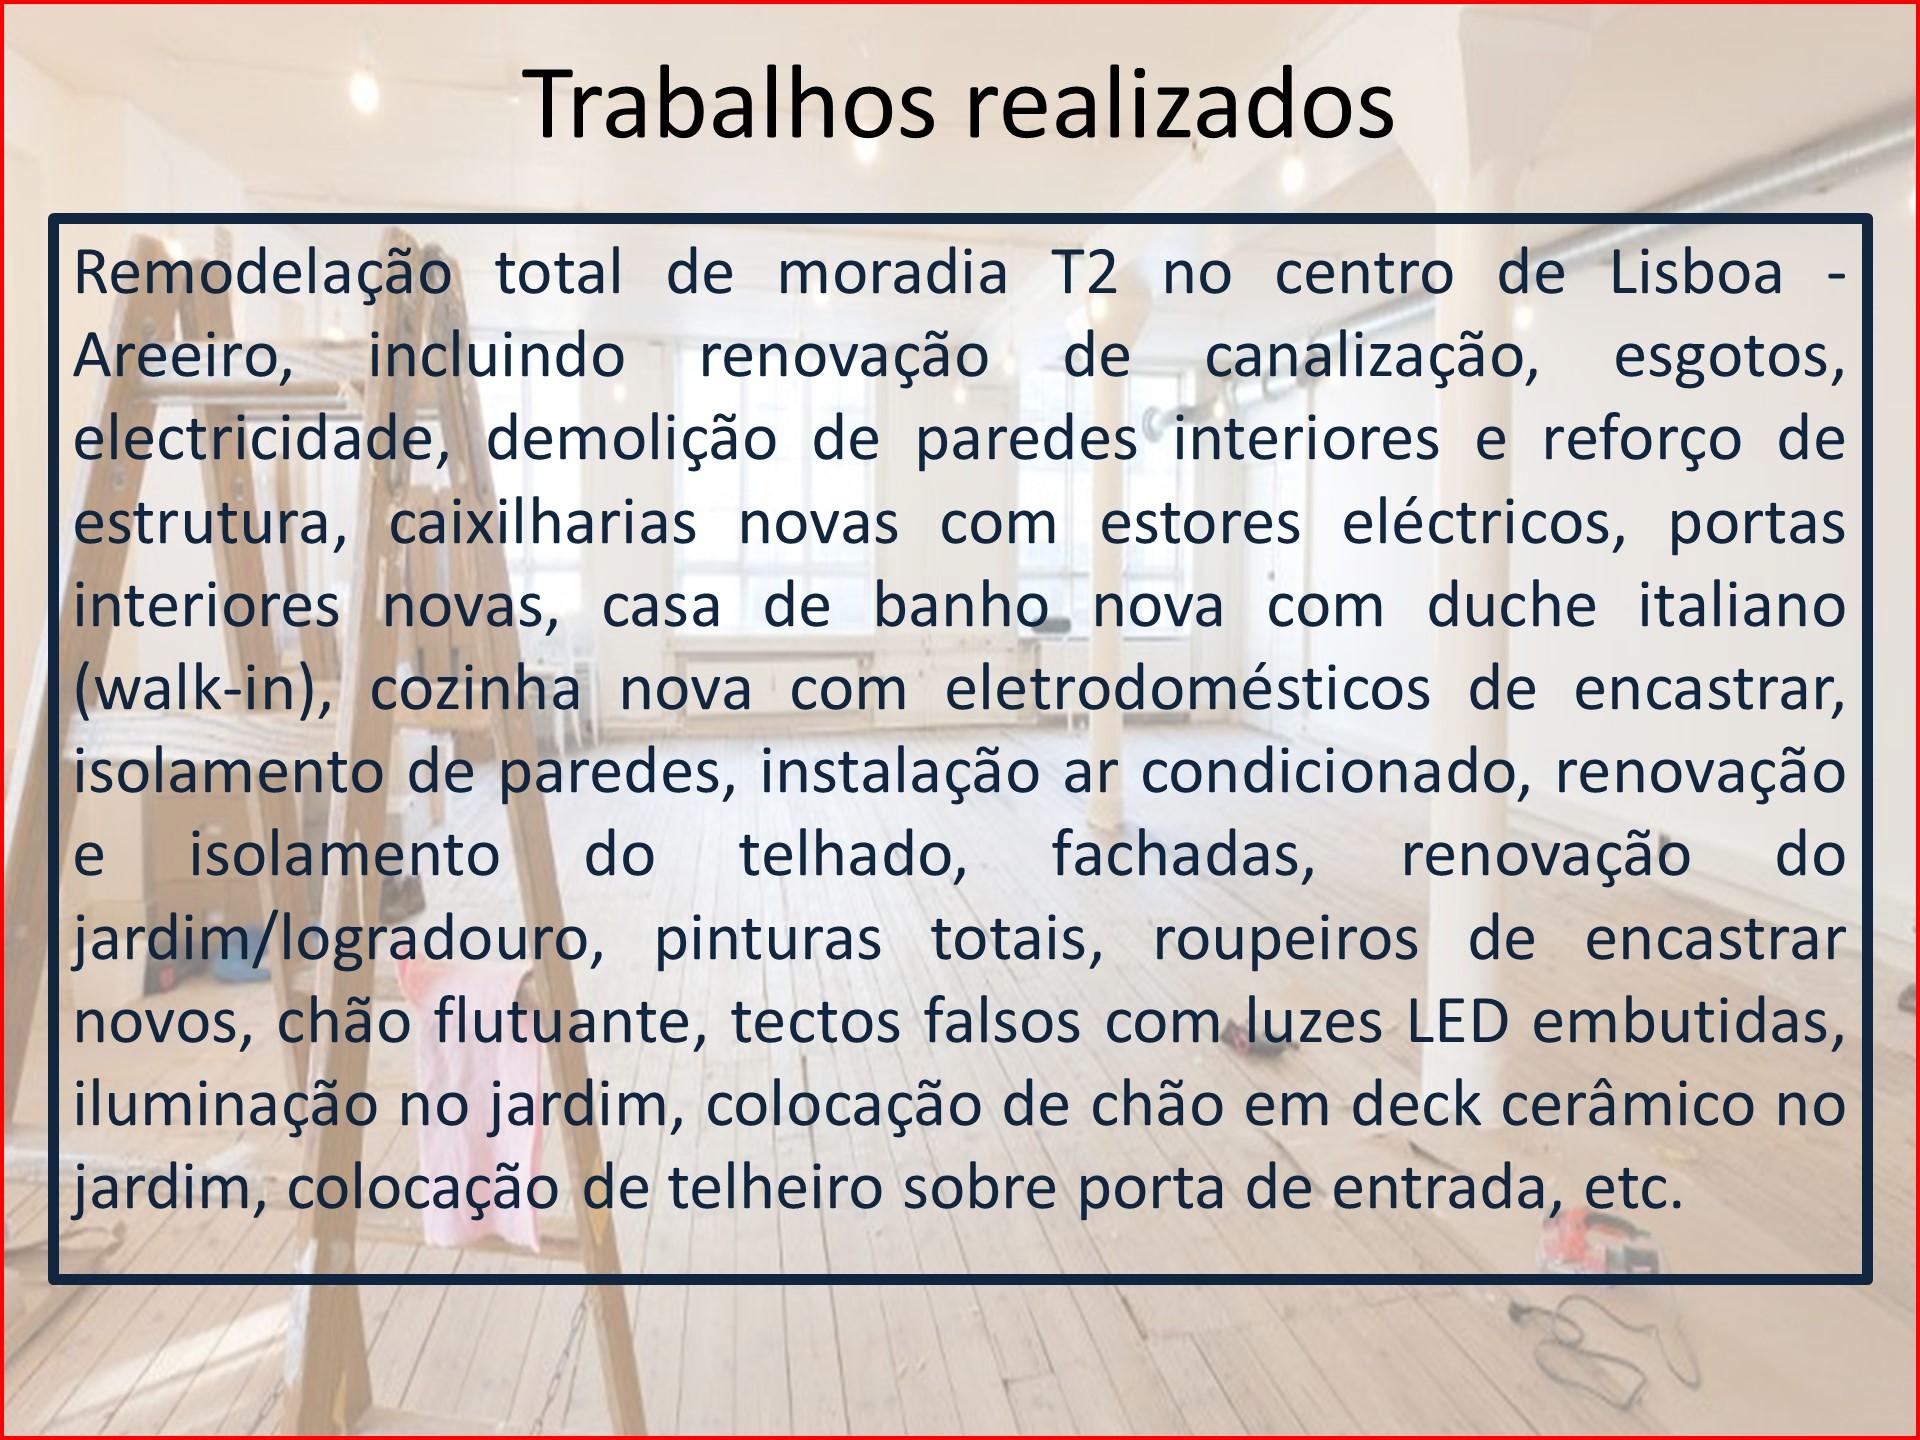 Remodelação Moradia T2 no centro de Lisboa - descrição 2